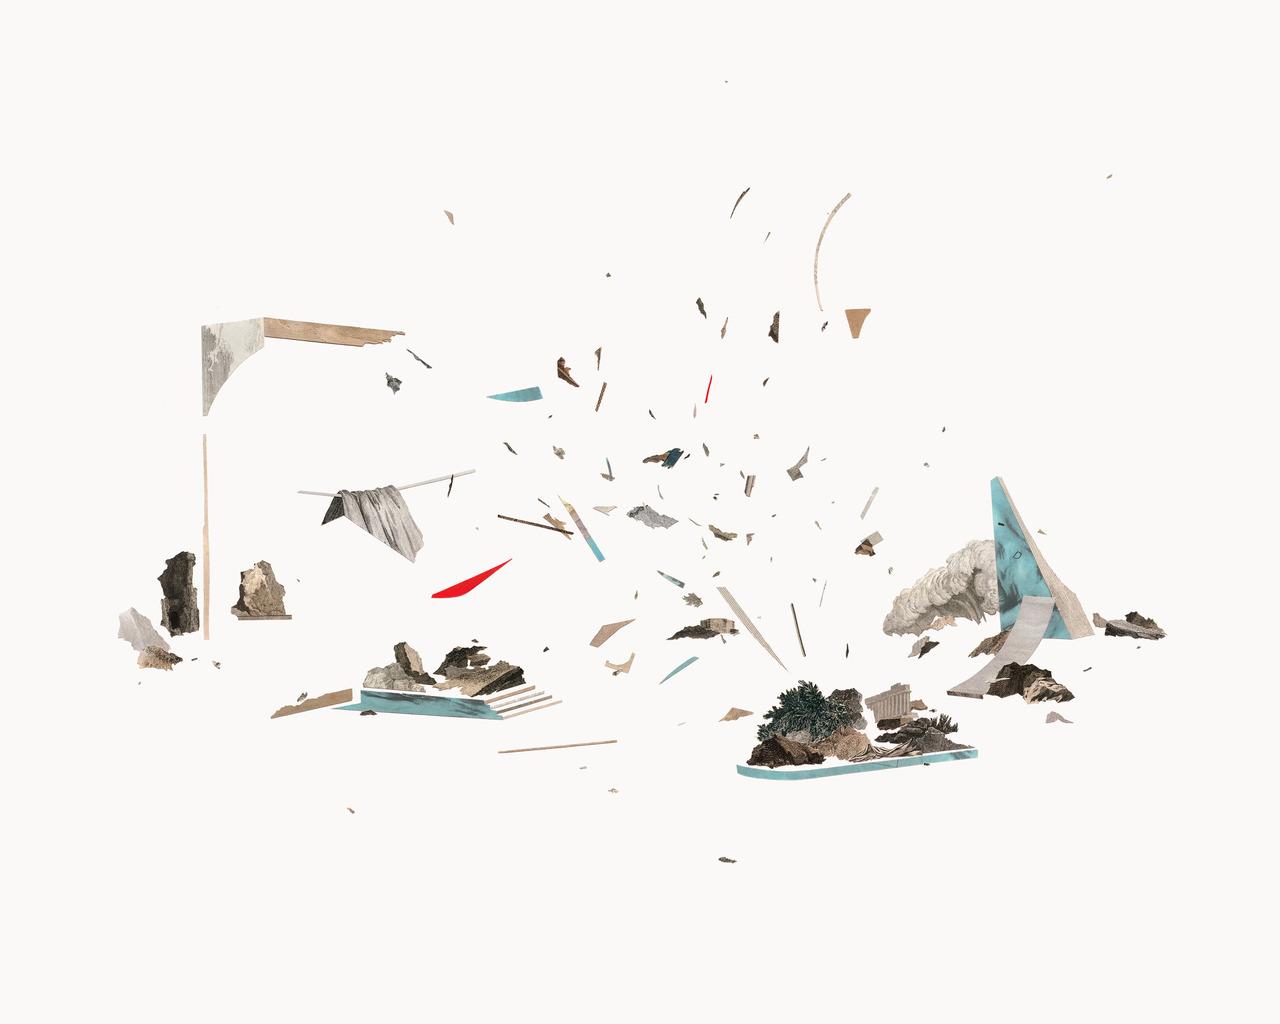 Claire Trotignon joue du piano (à dessein/dessin) pour l'Antenne culturelle dans le 19e - Dessin | Chaque mois, la vitrine de l'Antenne (l'espace culturel et pédagogique du plateau) accueille un nouveau projet artistique pensé en lien avec les expositions du Plateau, la collection du Frac Ile-de-France et ses actions pédagogiques. Ce mois-ci, c'est Claire Trotignon qui s'y colle, avant d'exposer à Drawing Now.